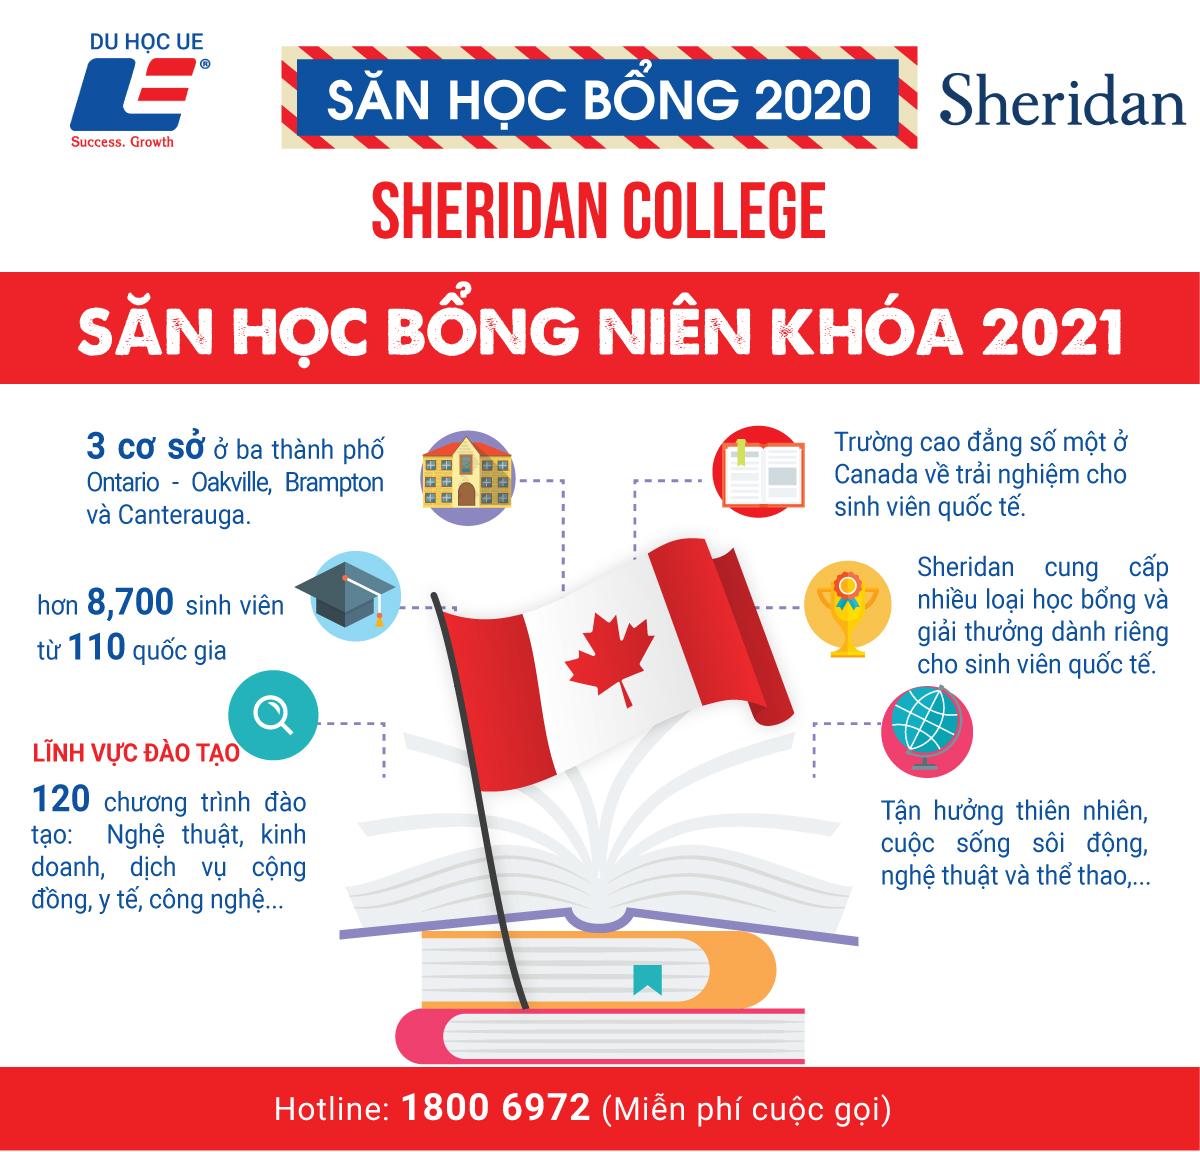 Trường cao đẳng hàng đầu Ontario và cơ hội săn học bổng niên khóa 2021 cùng Sheridan College